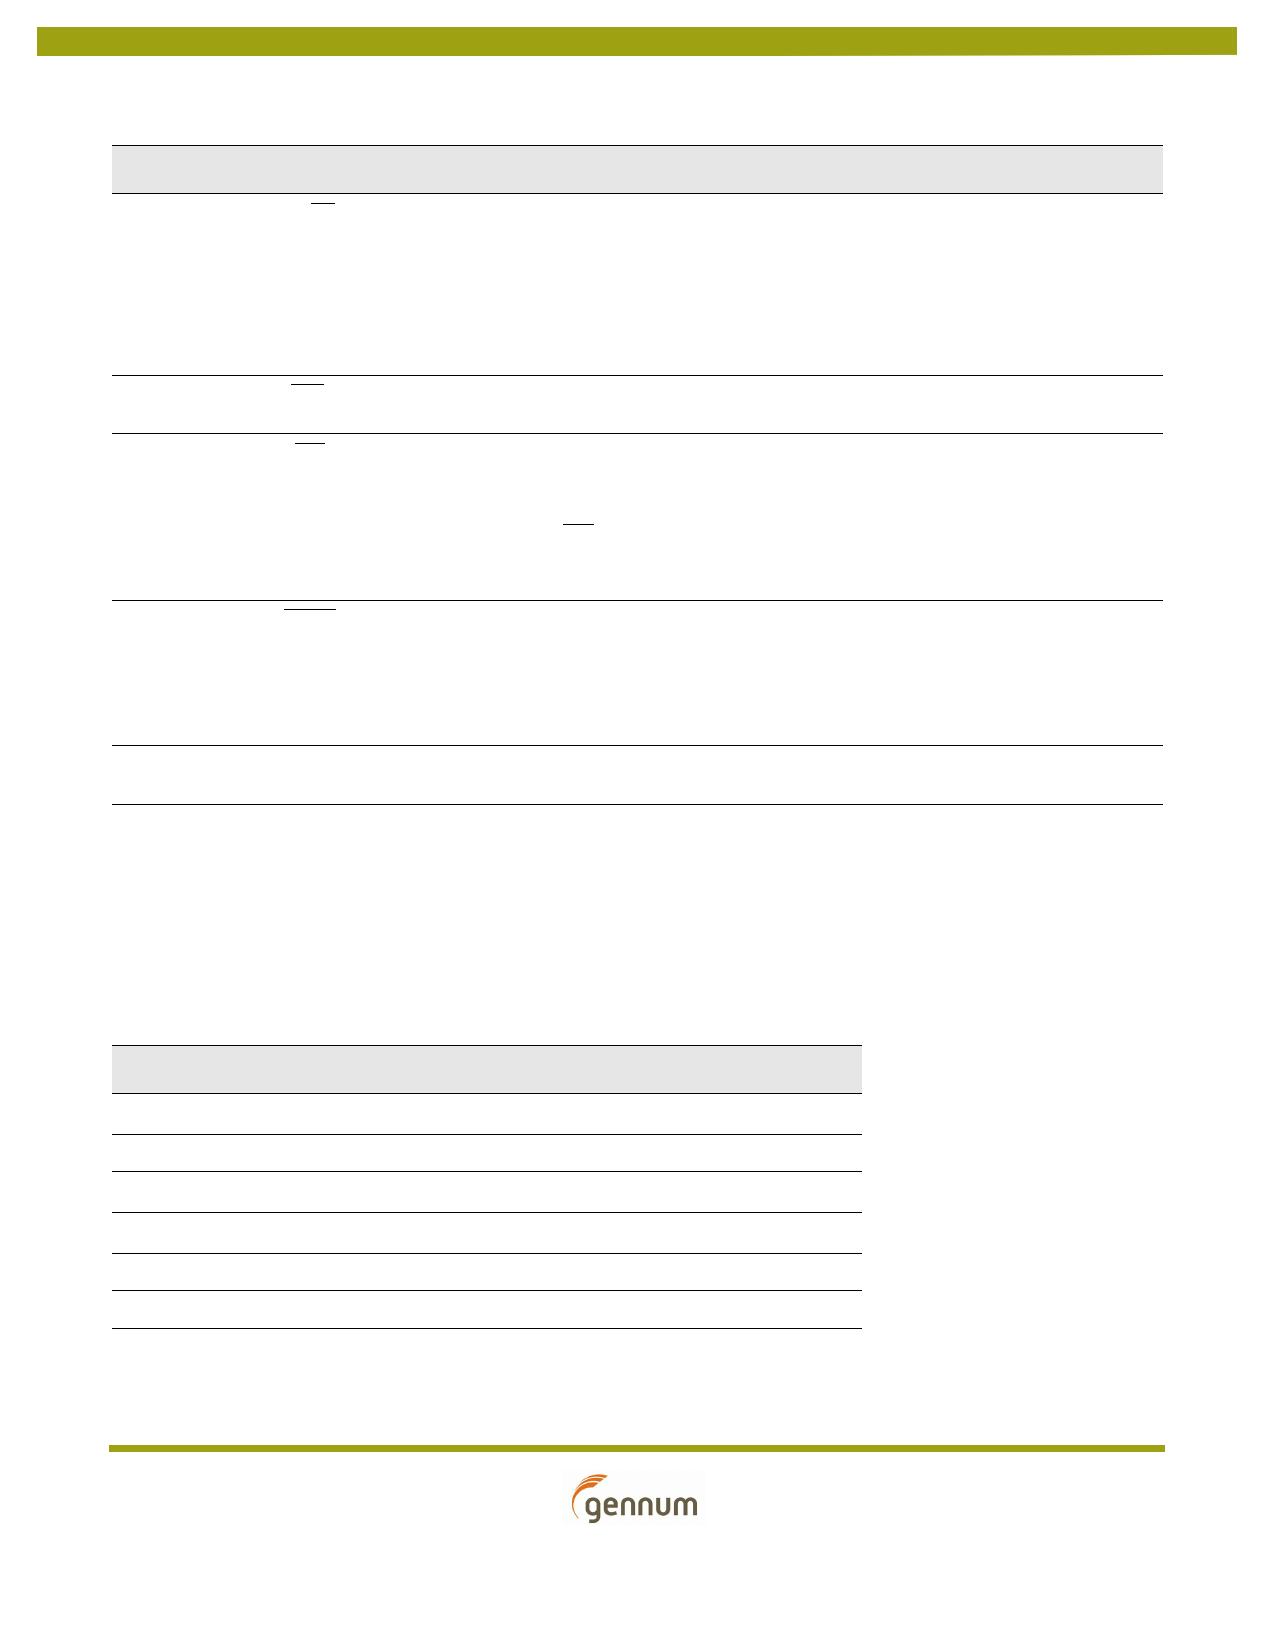 GS2988 pdf